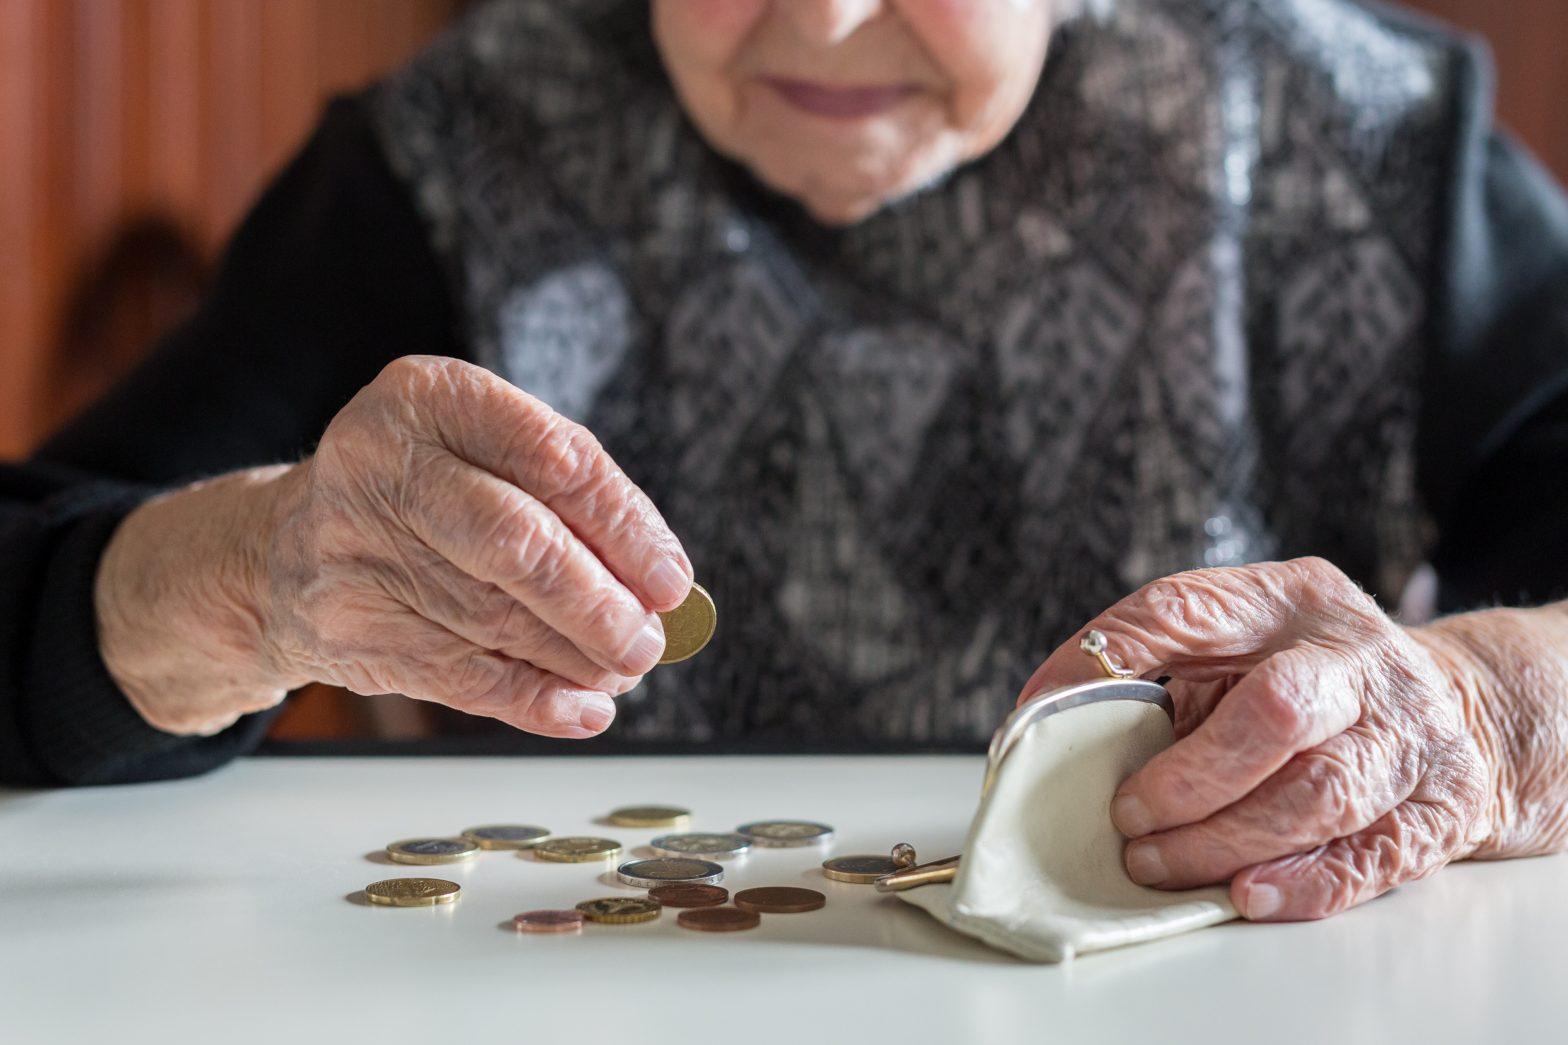 Presiunea pe sistemul public de pensii crește în toată Europa, iar pentru generațiile mai tinere pensia riscă să ajungă mai degrabă simbolică. FOTO: Shutterstock